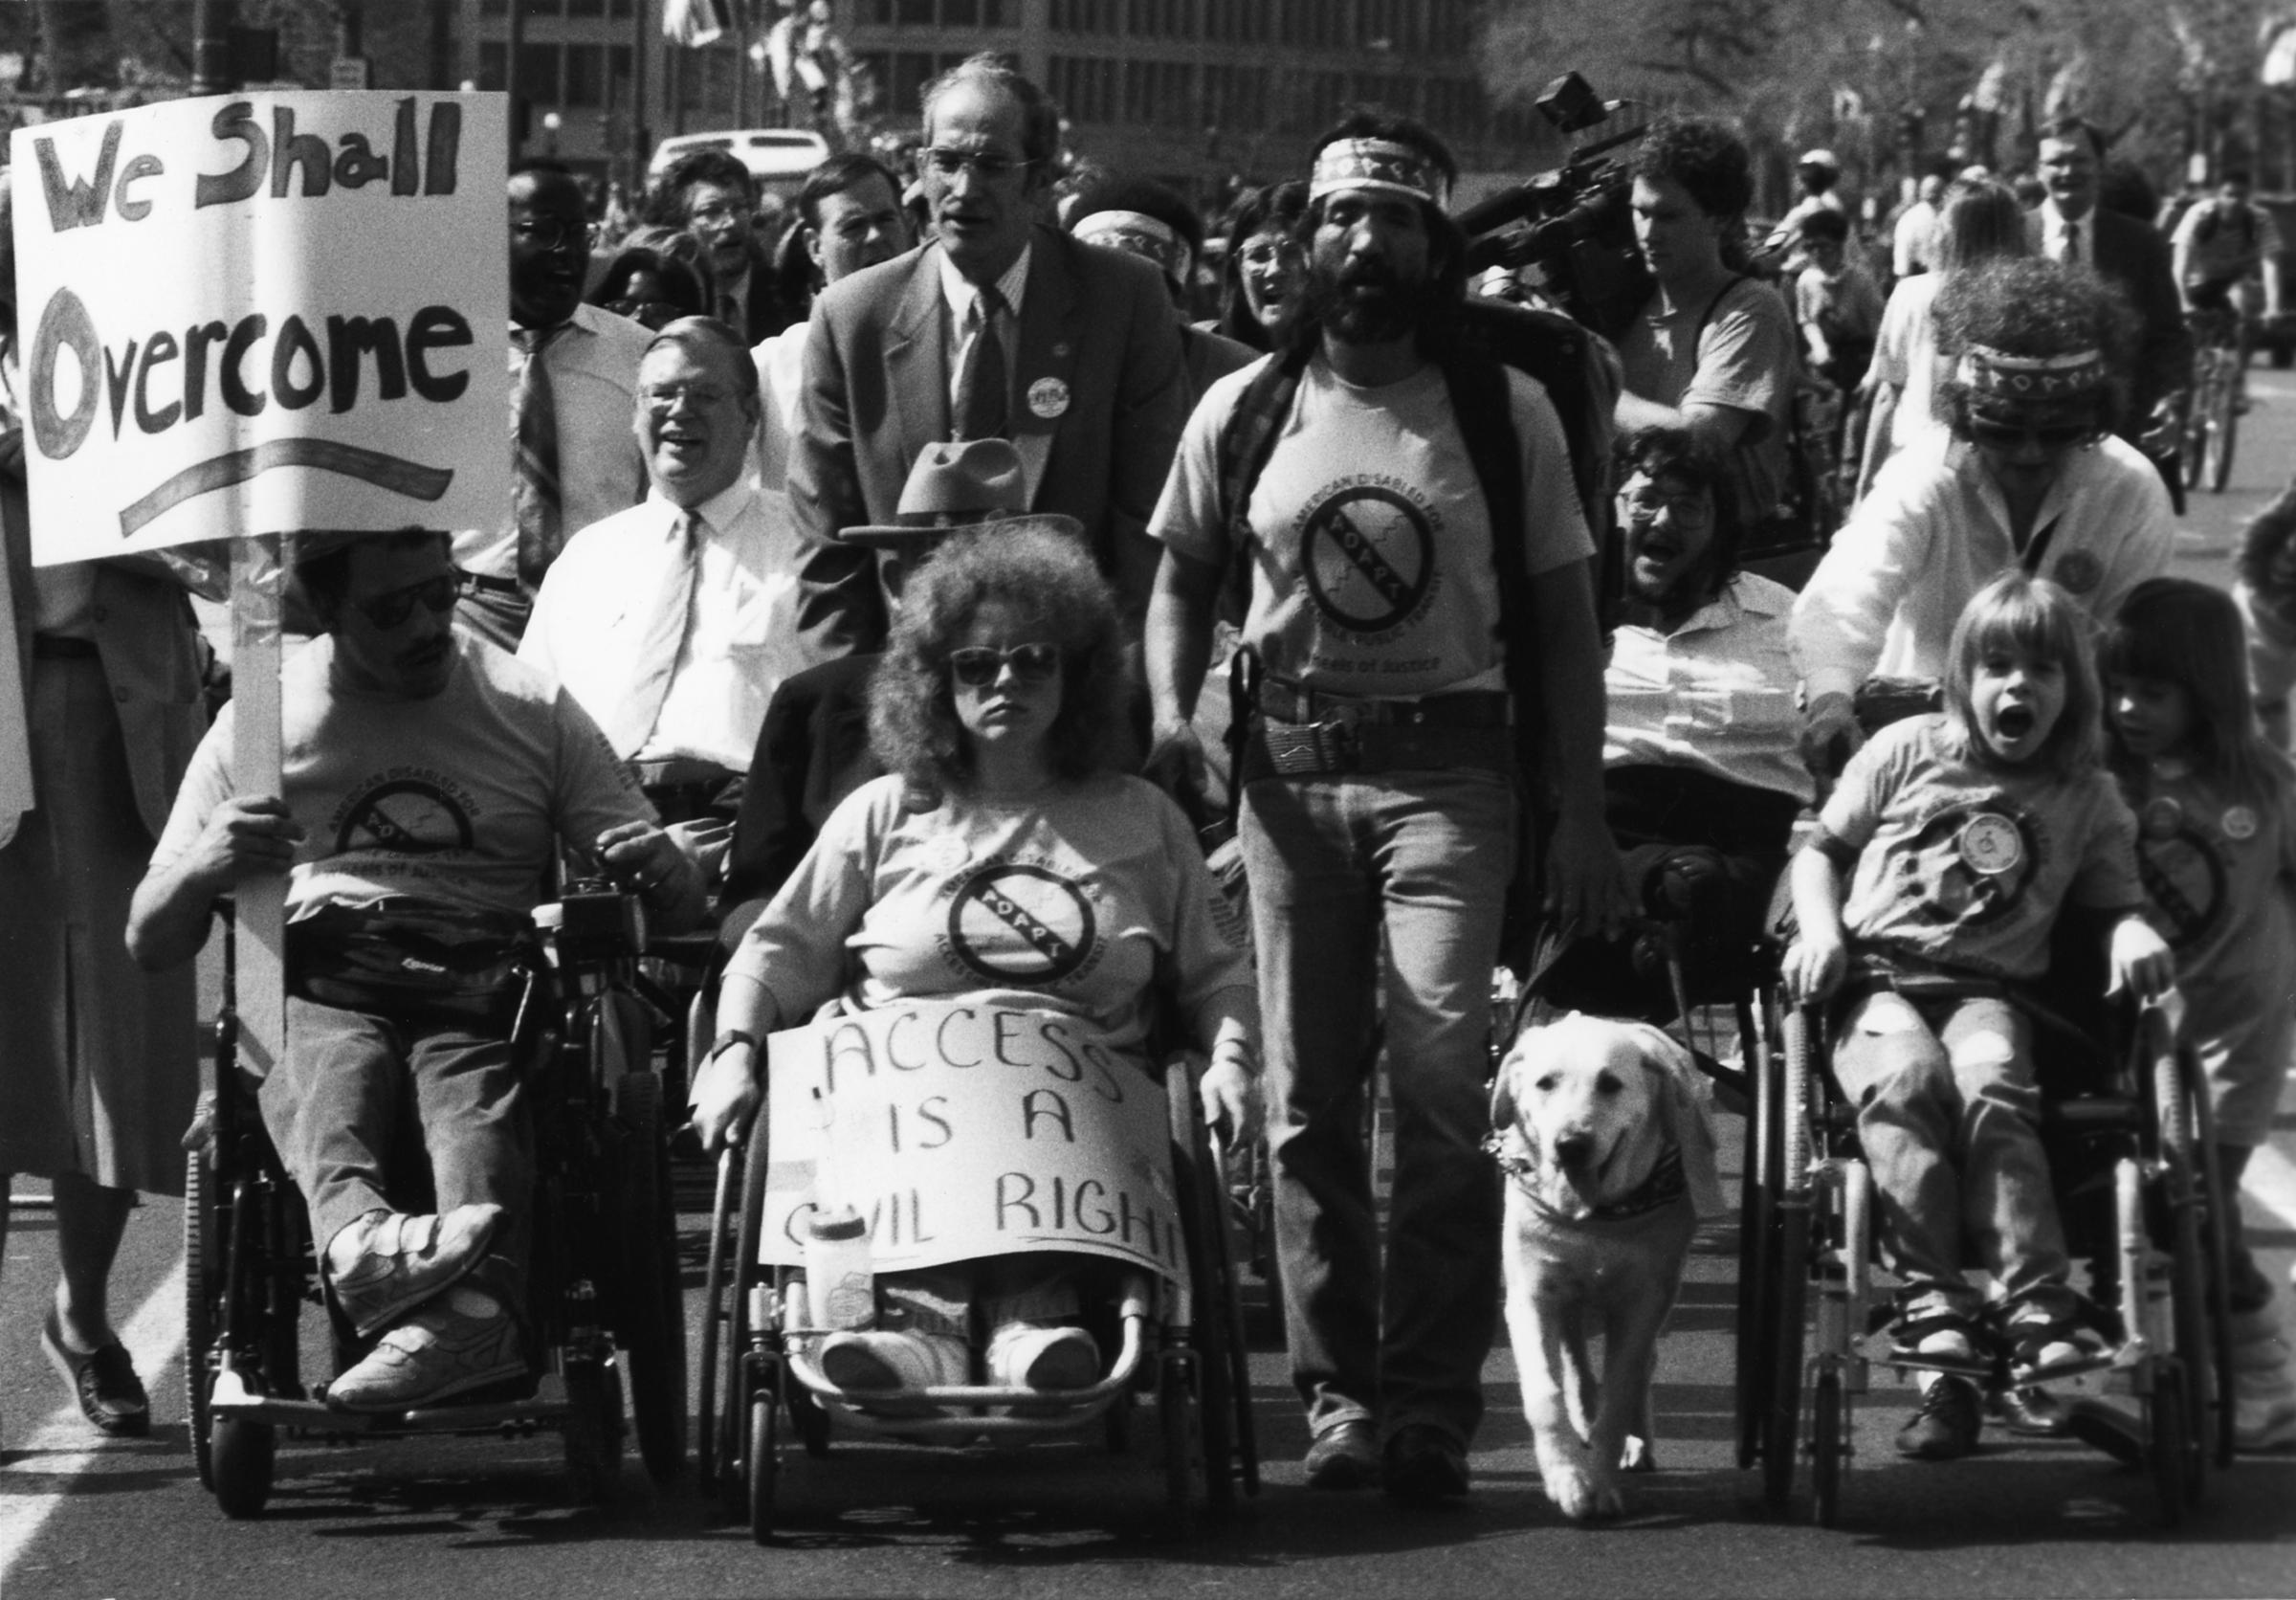 اعتراضات افراد دارای معلولیت به بی عدالتی جامعه در مورد معلولان